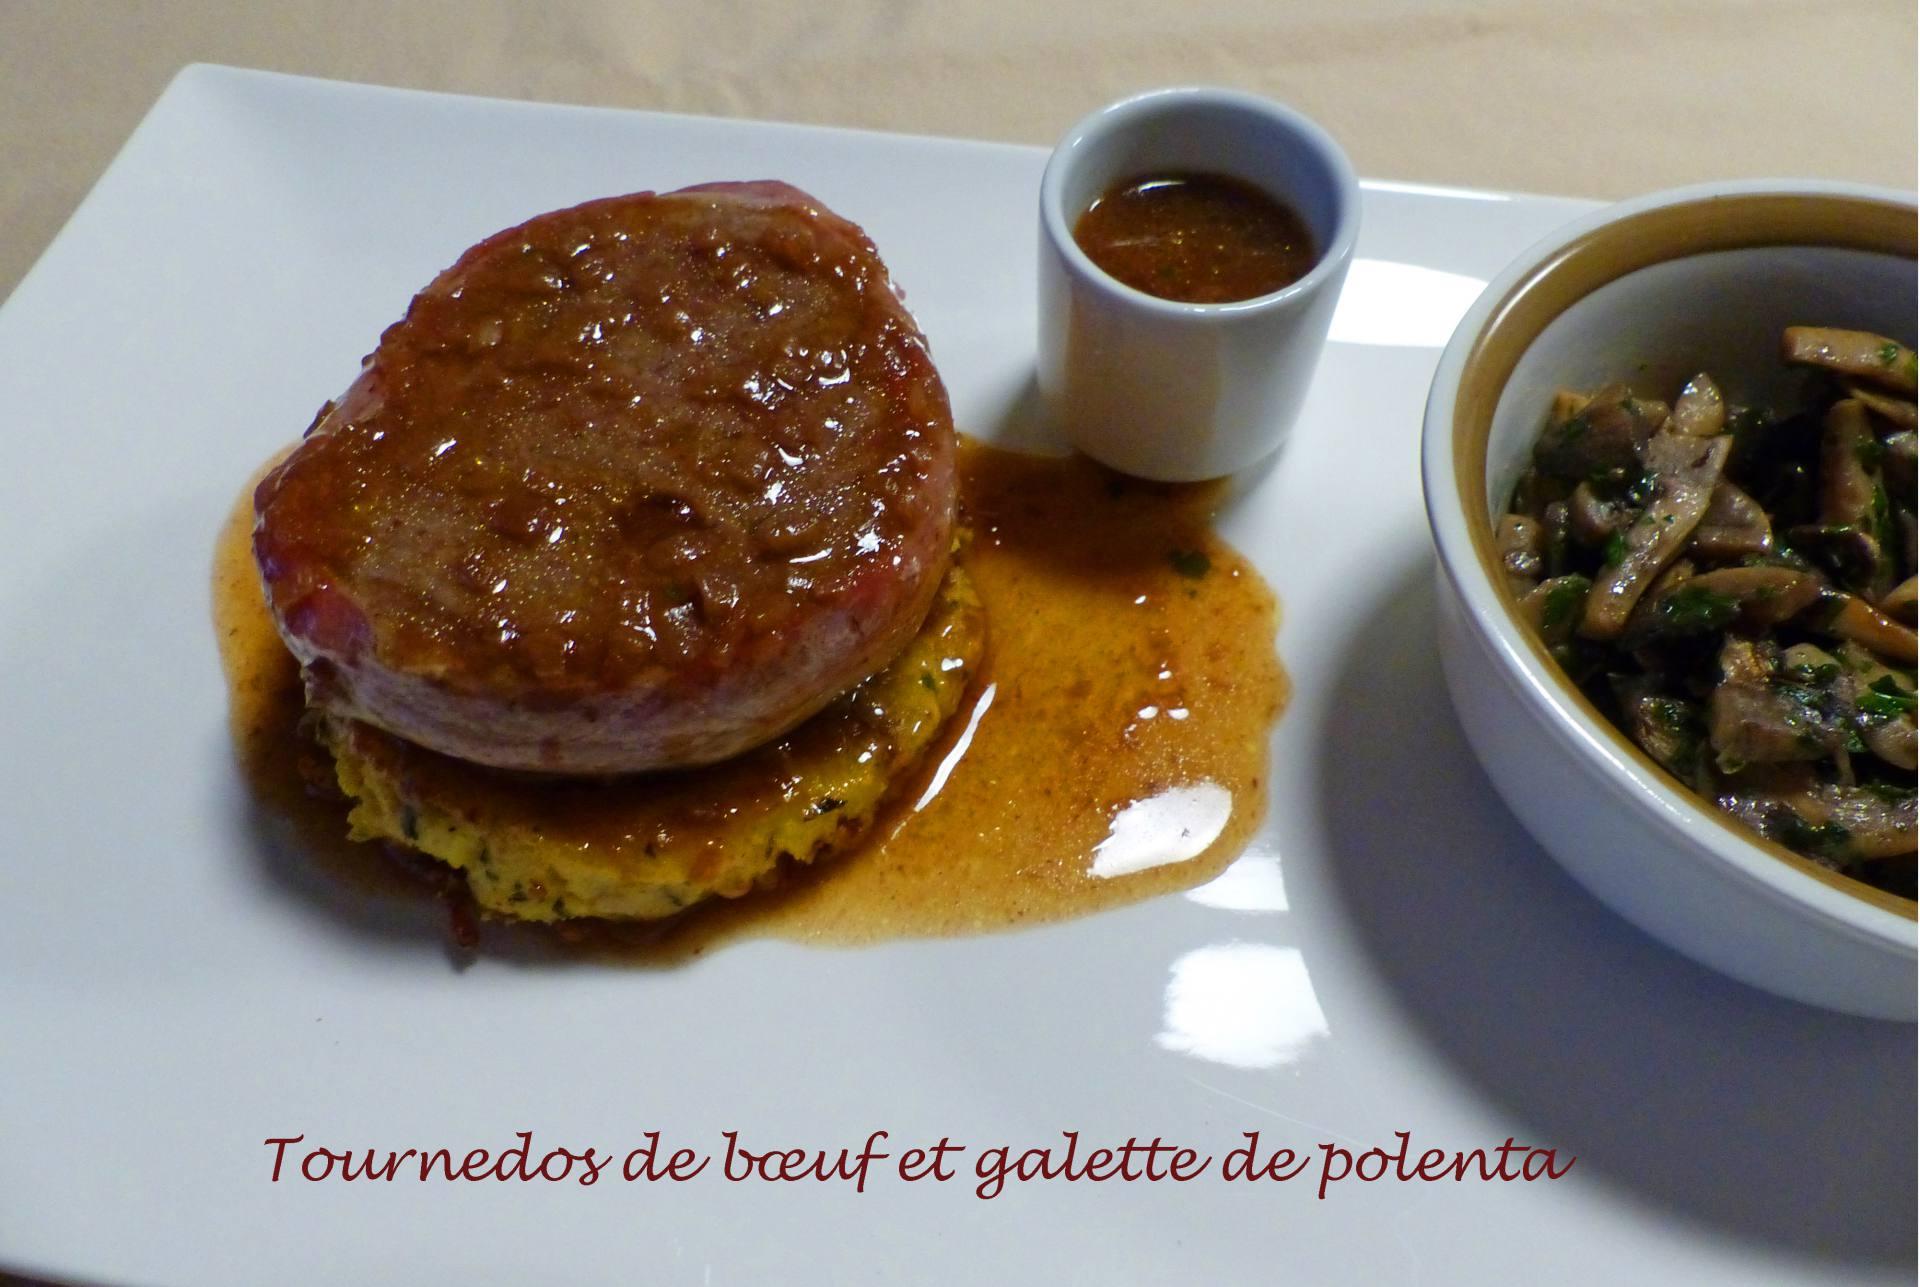 Tournedos de bœuf et galette de polenta P1200392 R